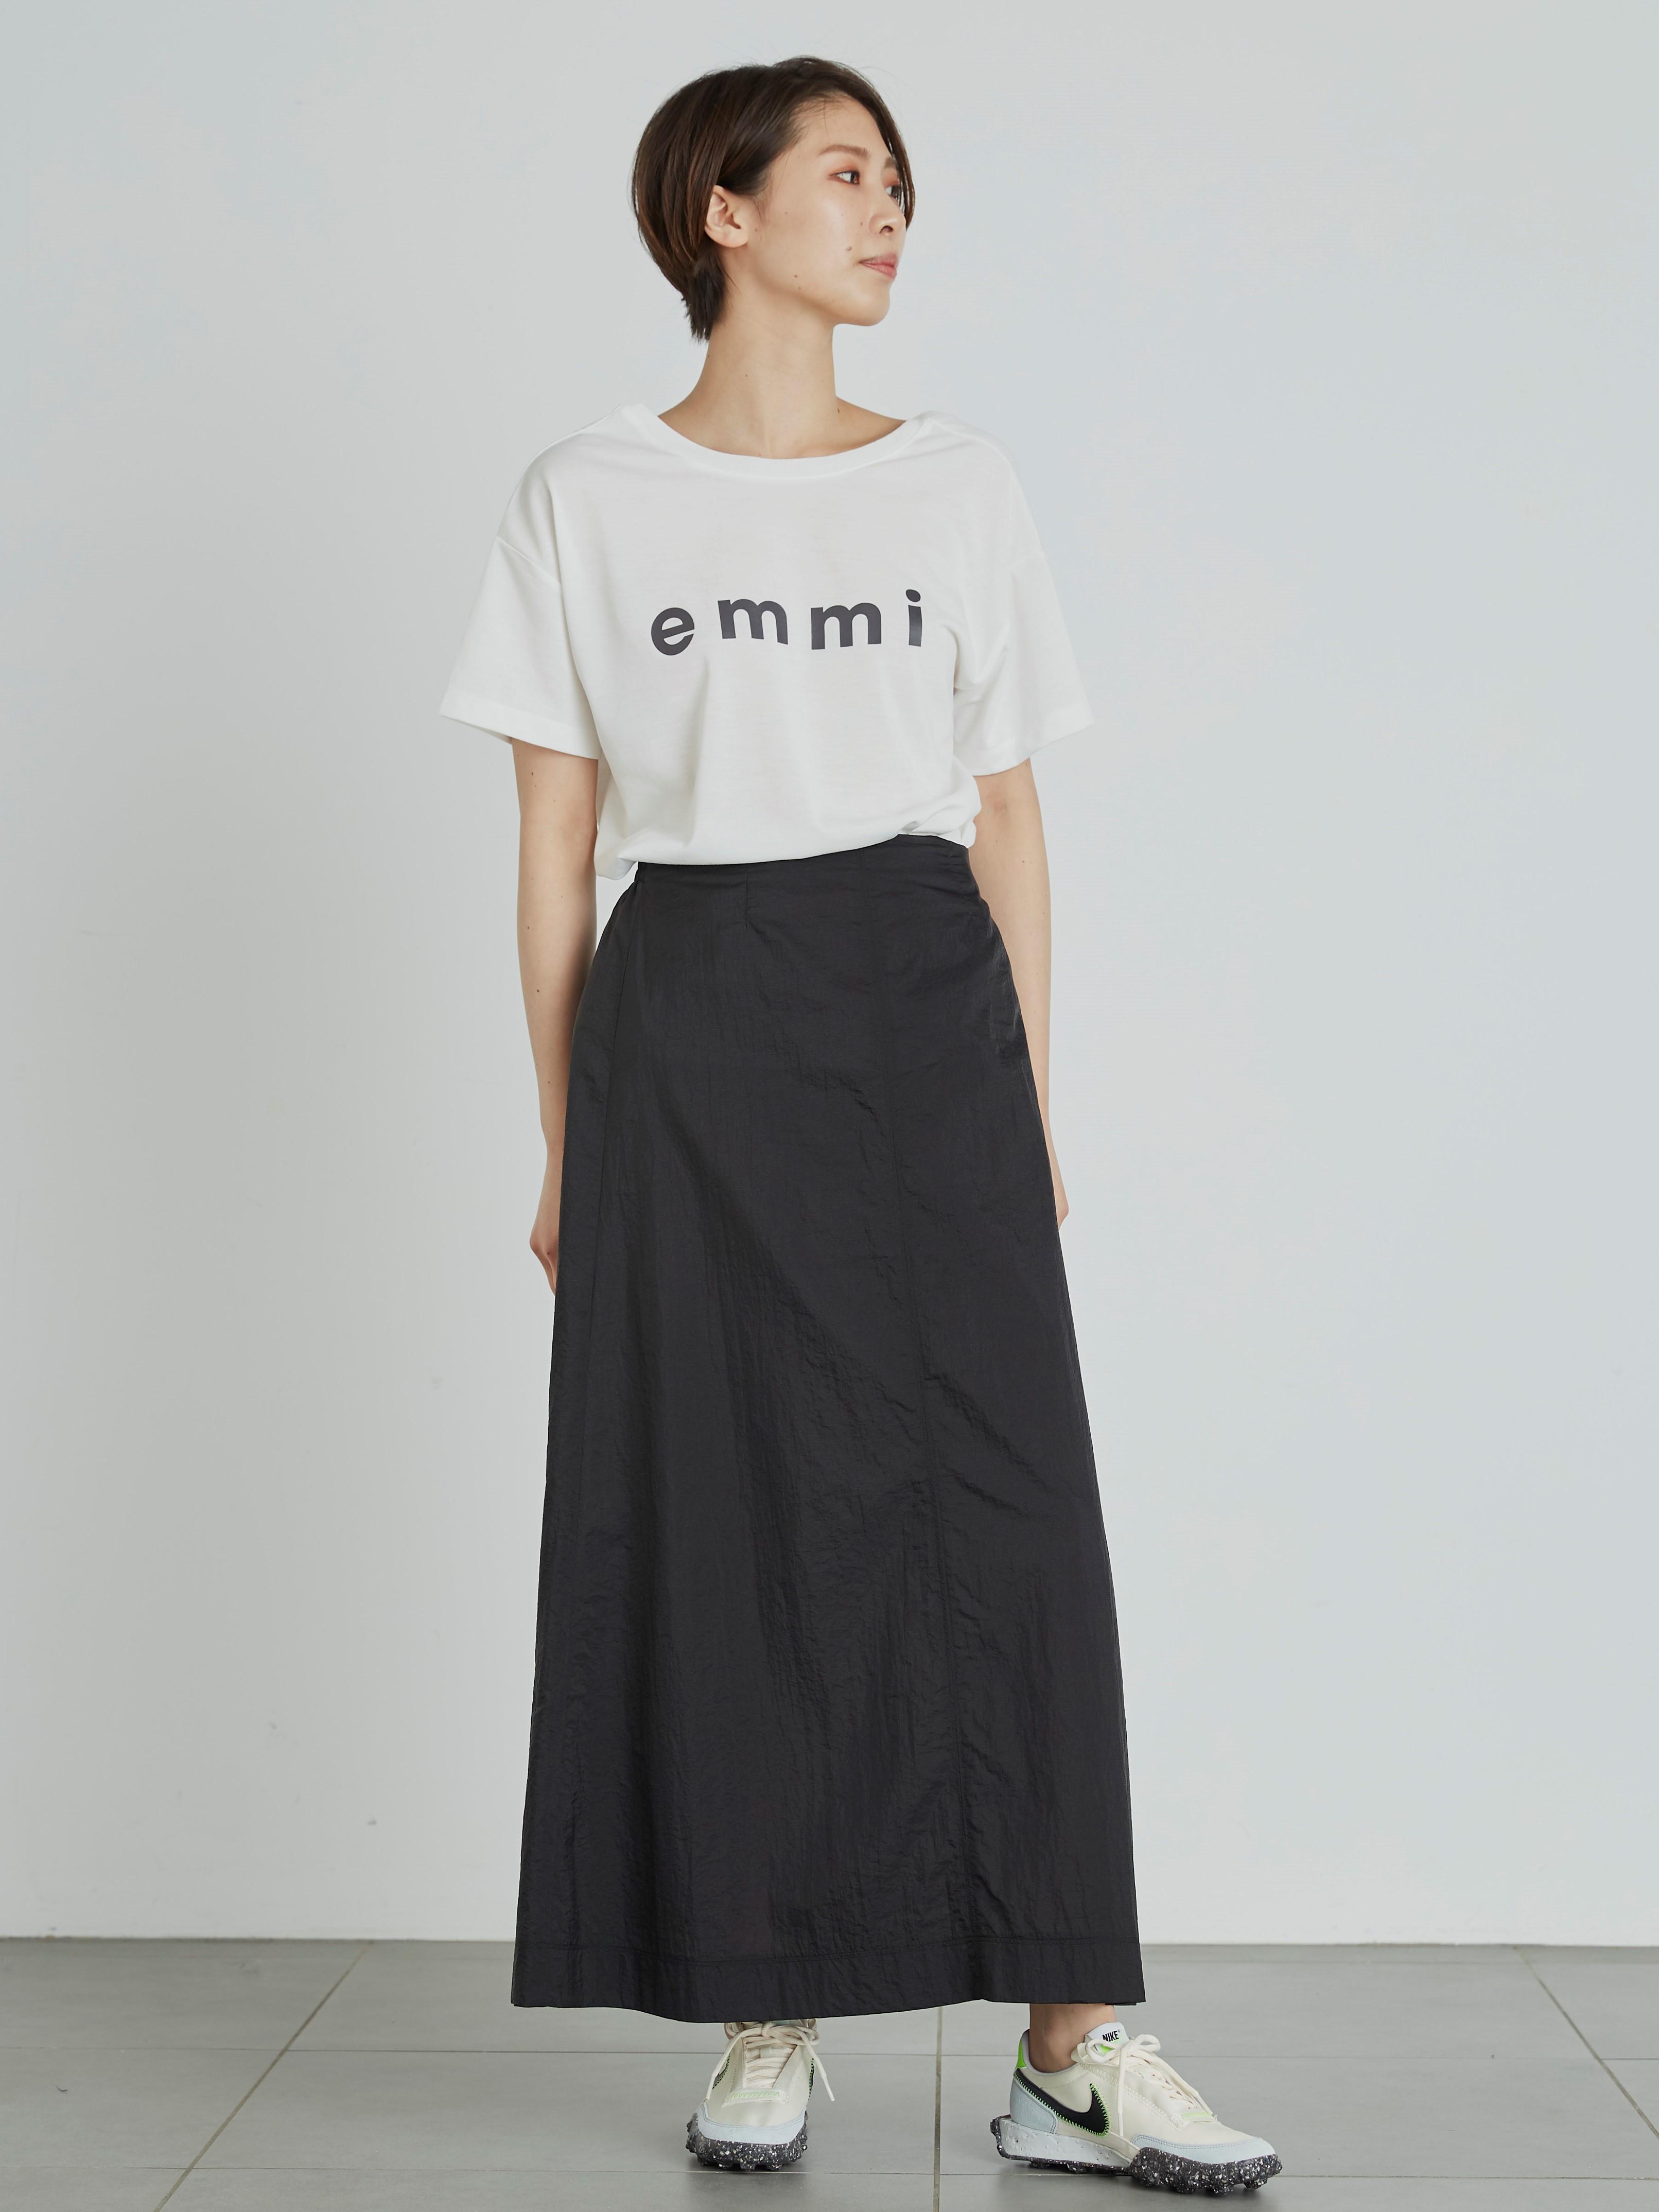 【emmi atelier】pocketableスカート